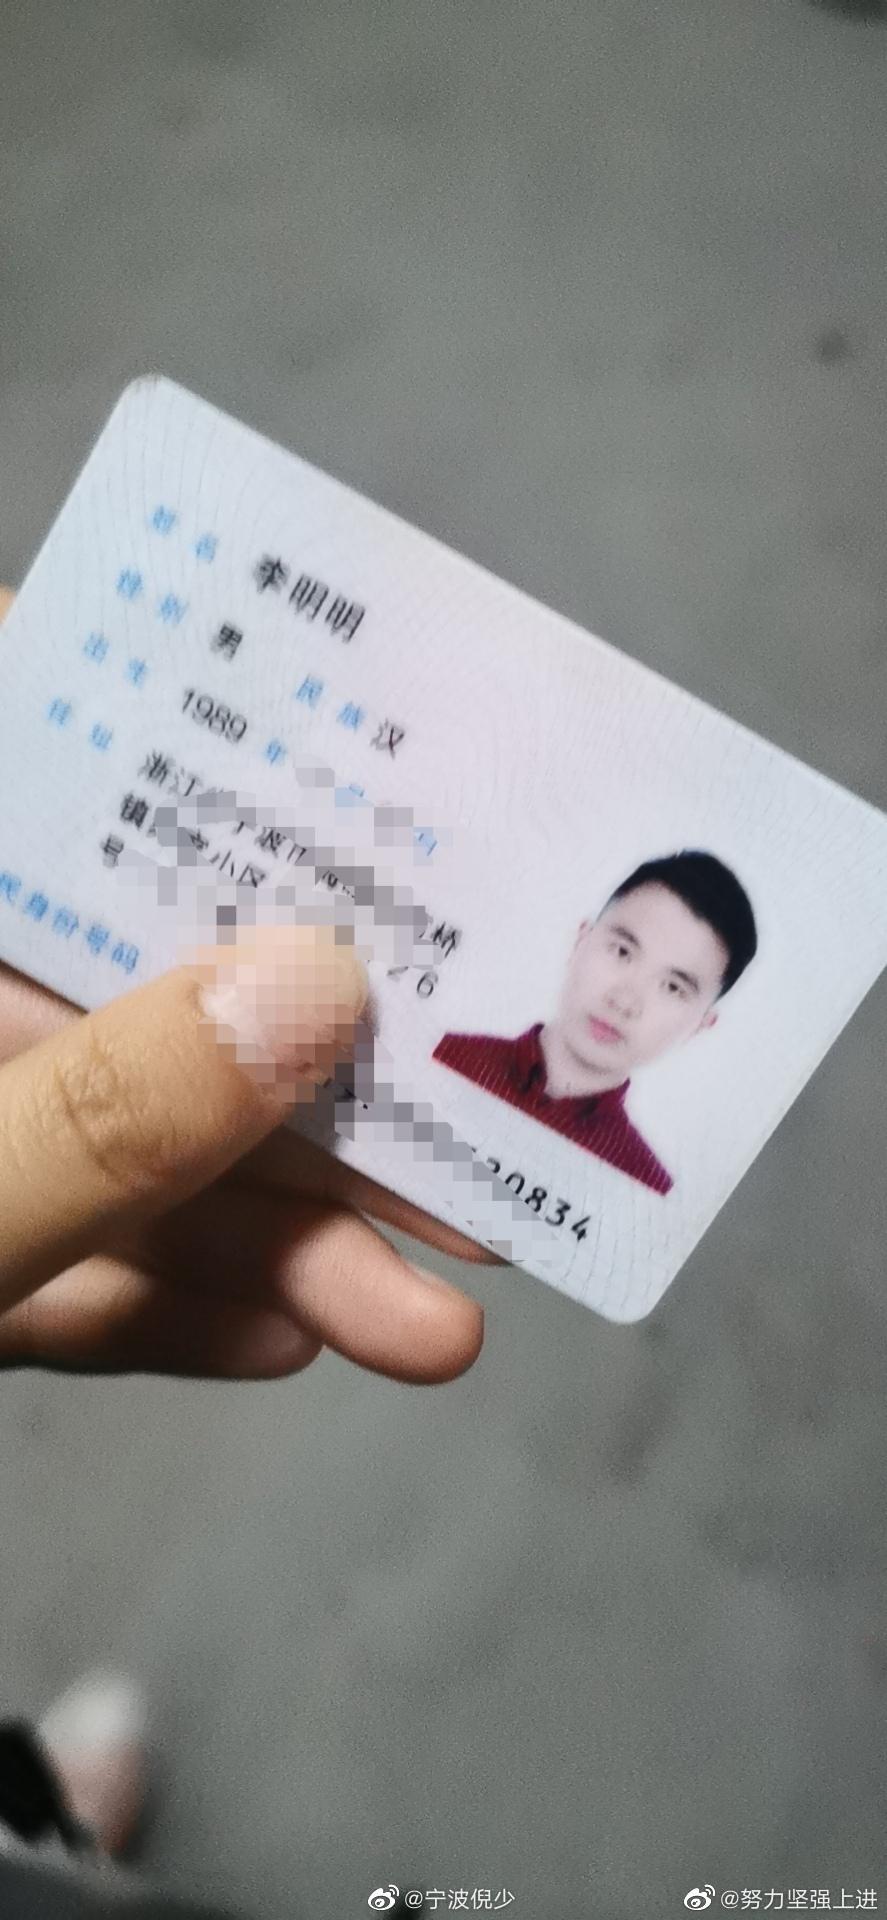 投稿:李明明同学你的身份证掉了 在利时百货停车场捡的……